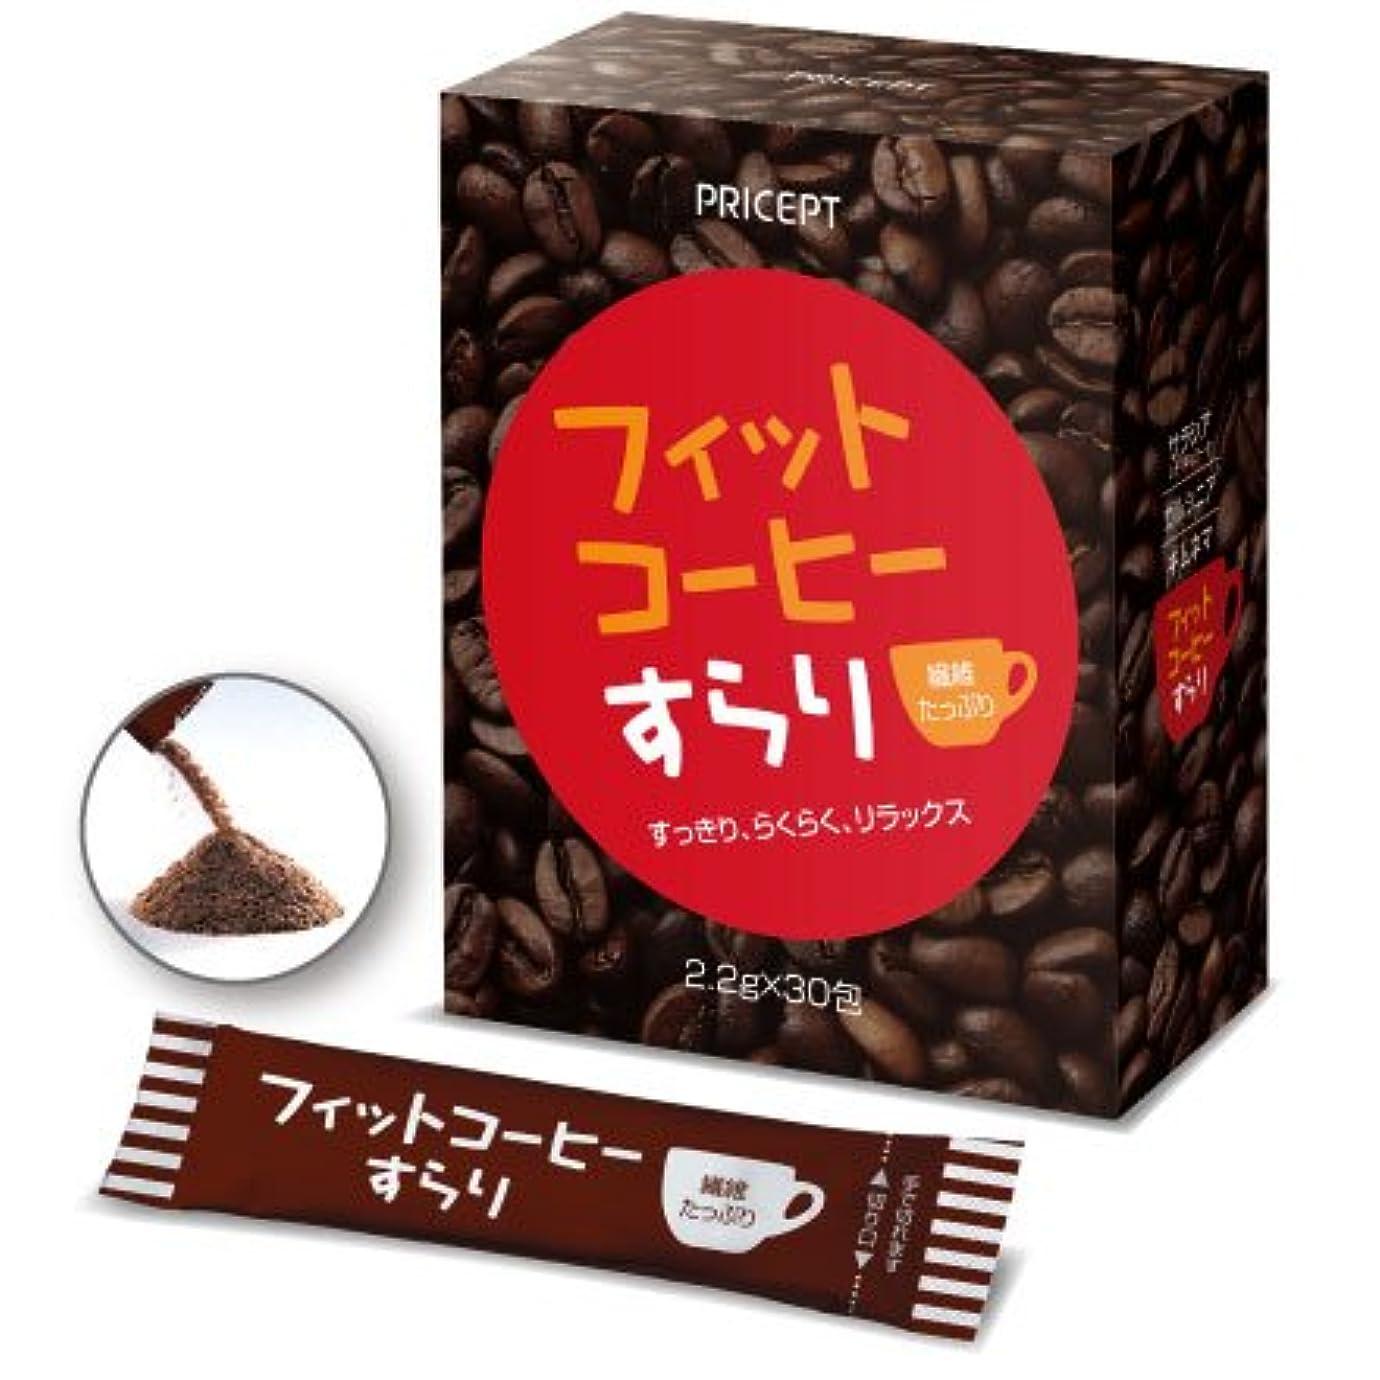 曲げるトレーニングセイはさておきプリセプト フィットコーヒーすらり 30包【単品】(ダイエットサポートコーヒー)